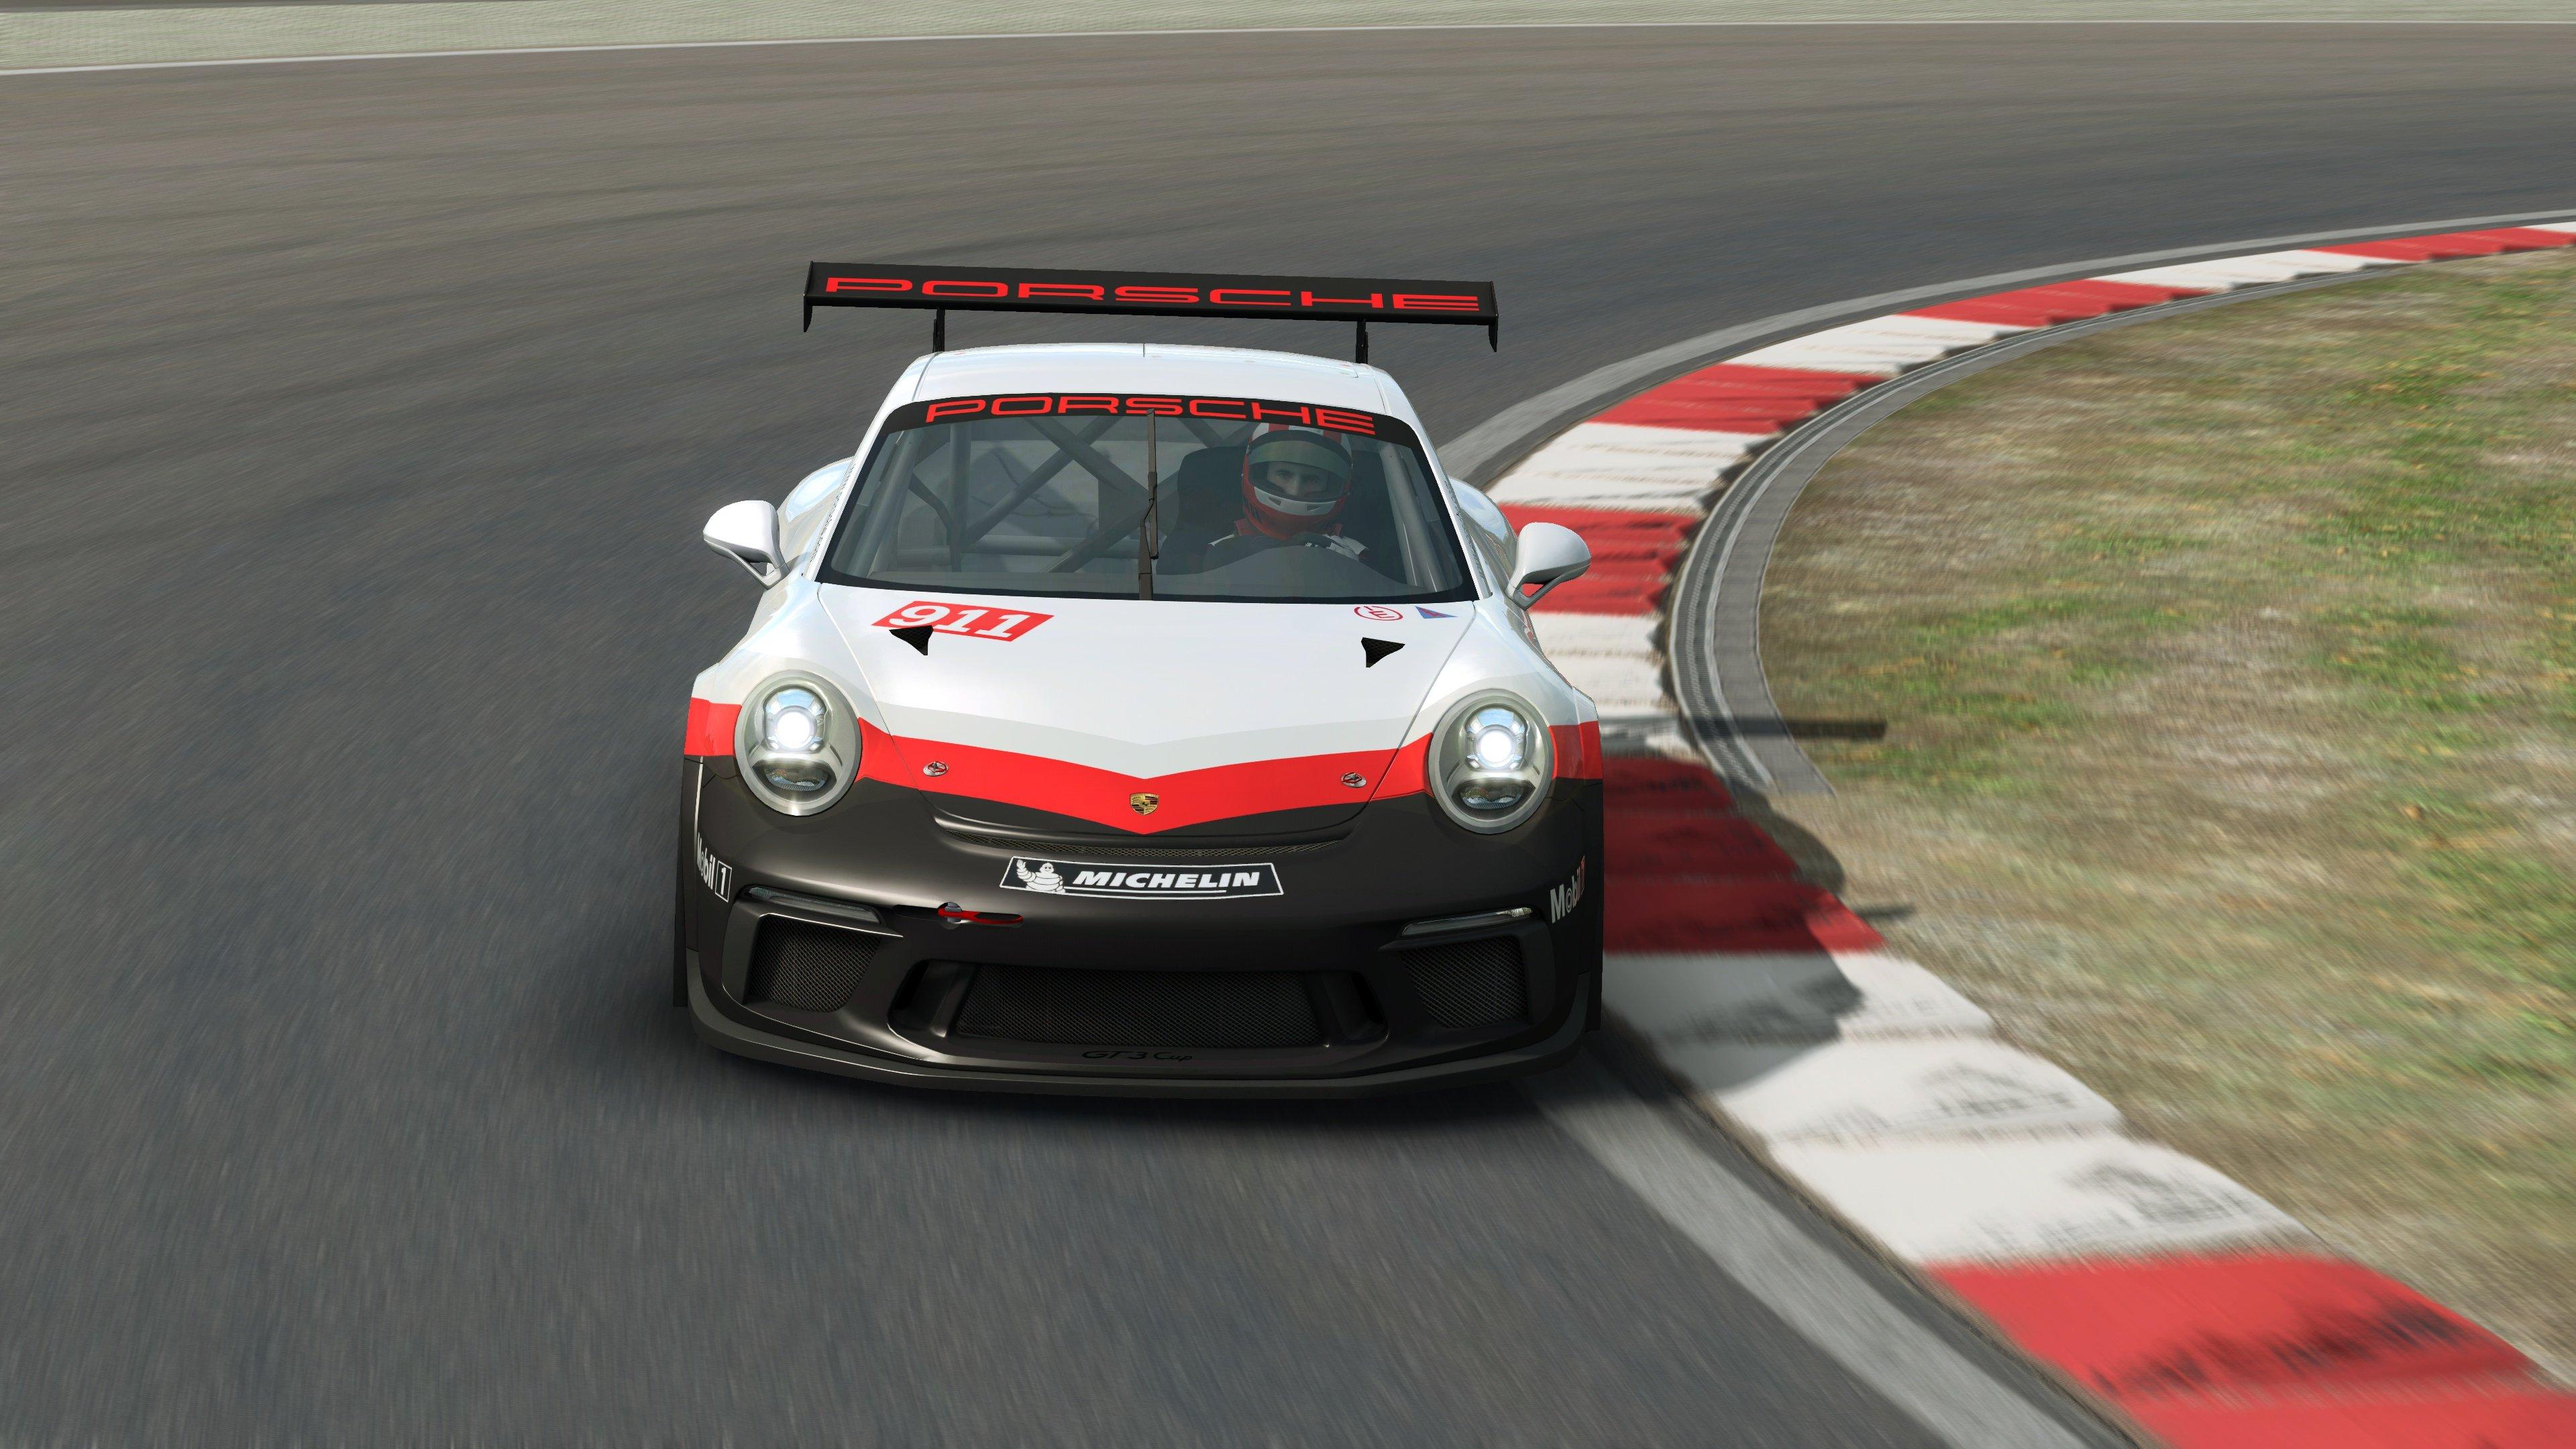 RaceRoom 991.2 Porsche 911 GT3 Cup 21